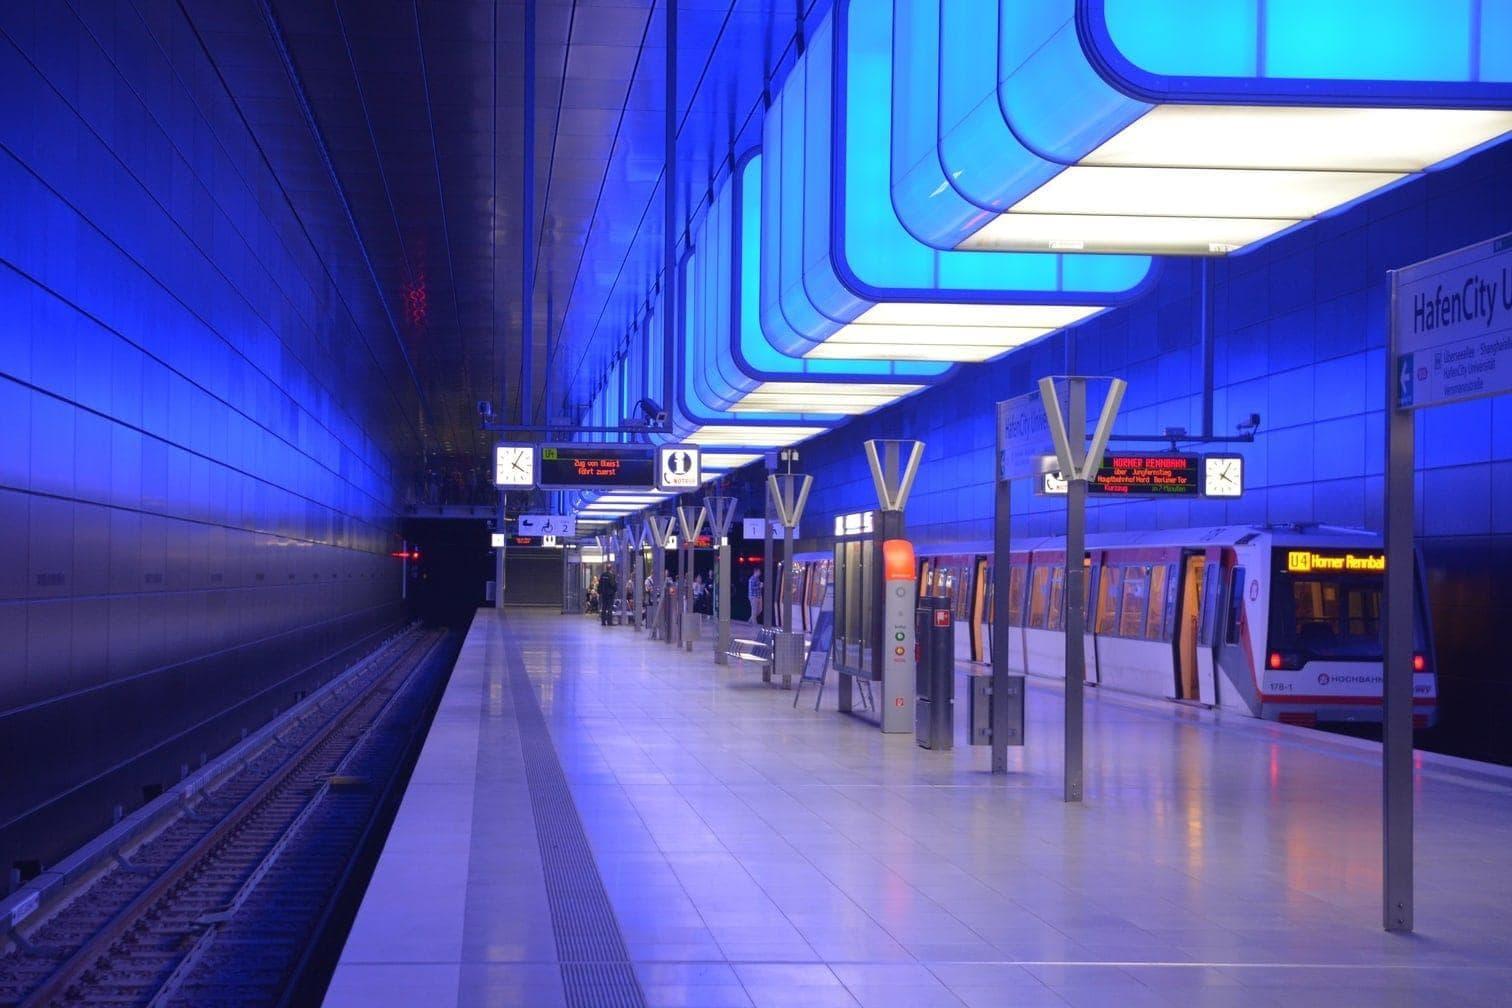 doch dieses ist etwas ganz Besonderes: Die Stockholmer U-Bahn ist nämlich eine gigantische Kunstgalerie. Wer also ein Museum der besonderen Art besichtigen möchte